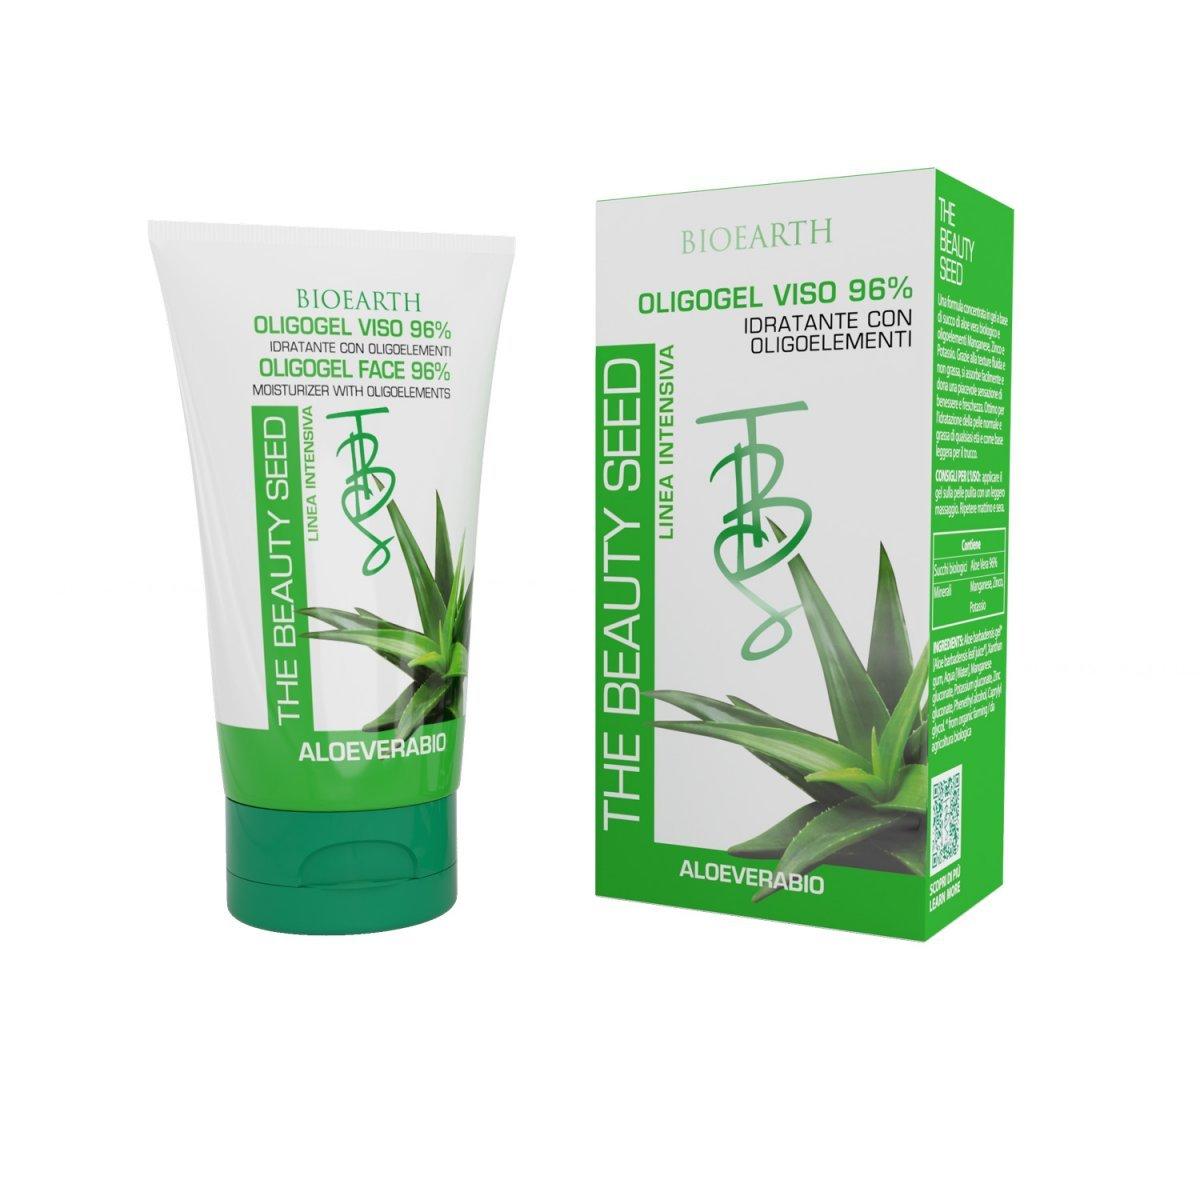 The Beauty Seed Oligo gel face with Aloe 96%